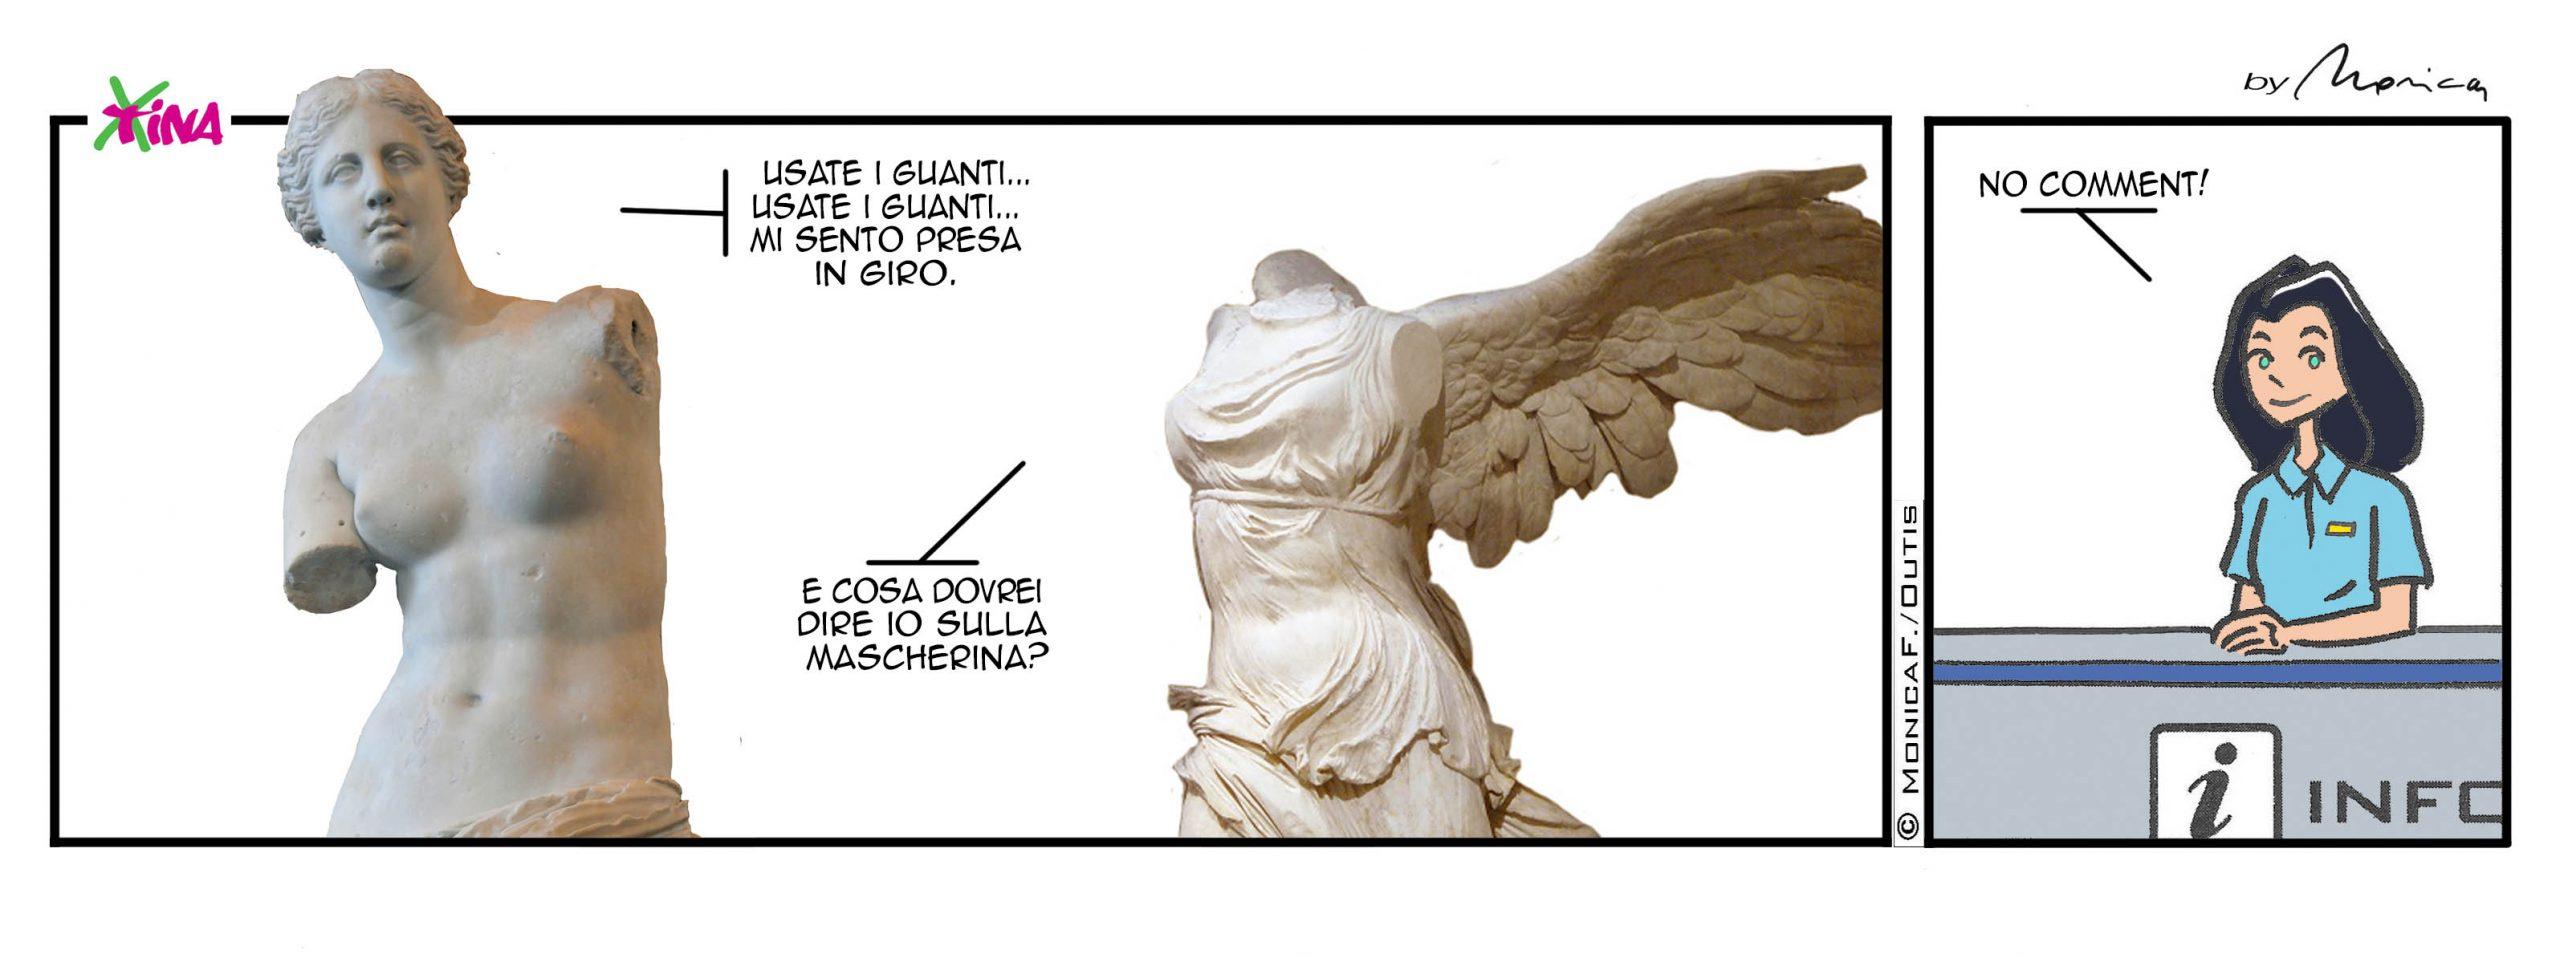 Xtina Comic strip Guanti & Mascherine